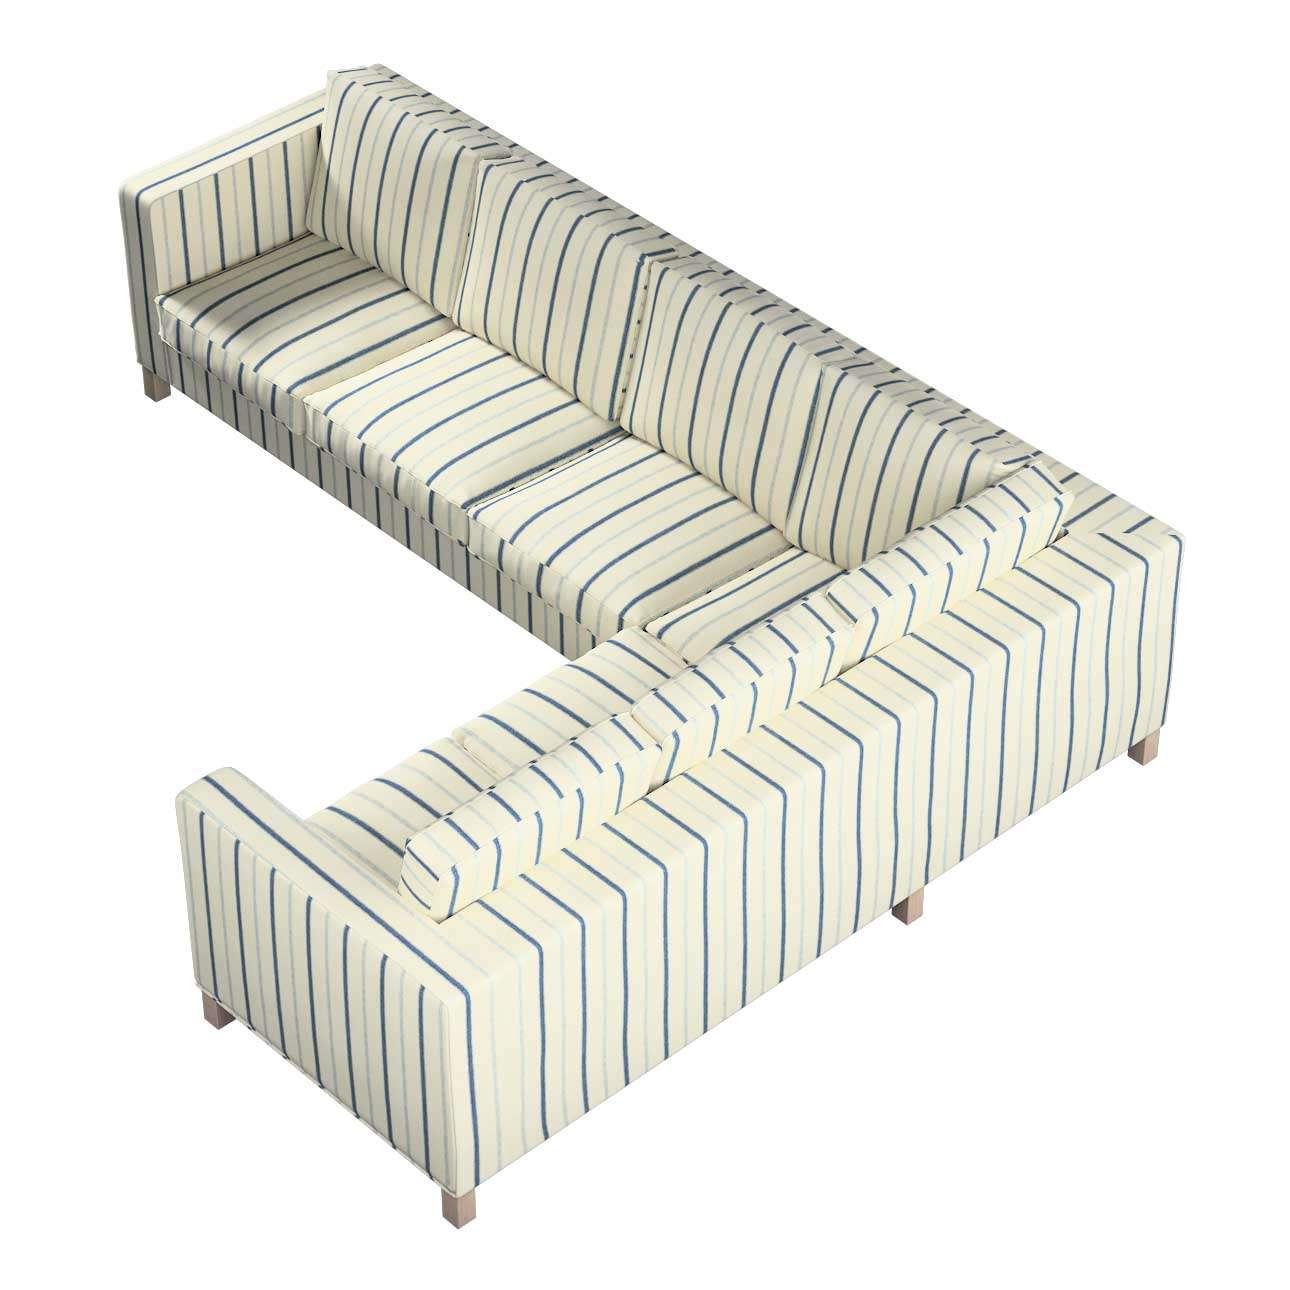 Pokrowiec na sofę narożną lewostronną Karlanda w kolekcji Avinon, tkanina: 129-66